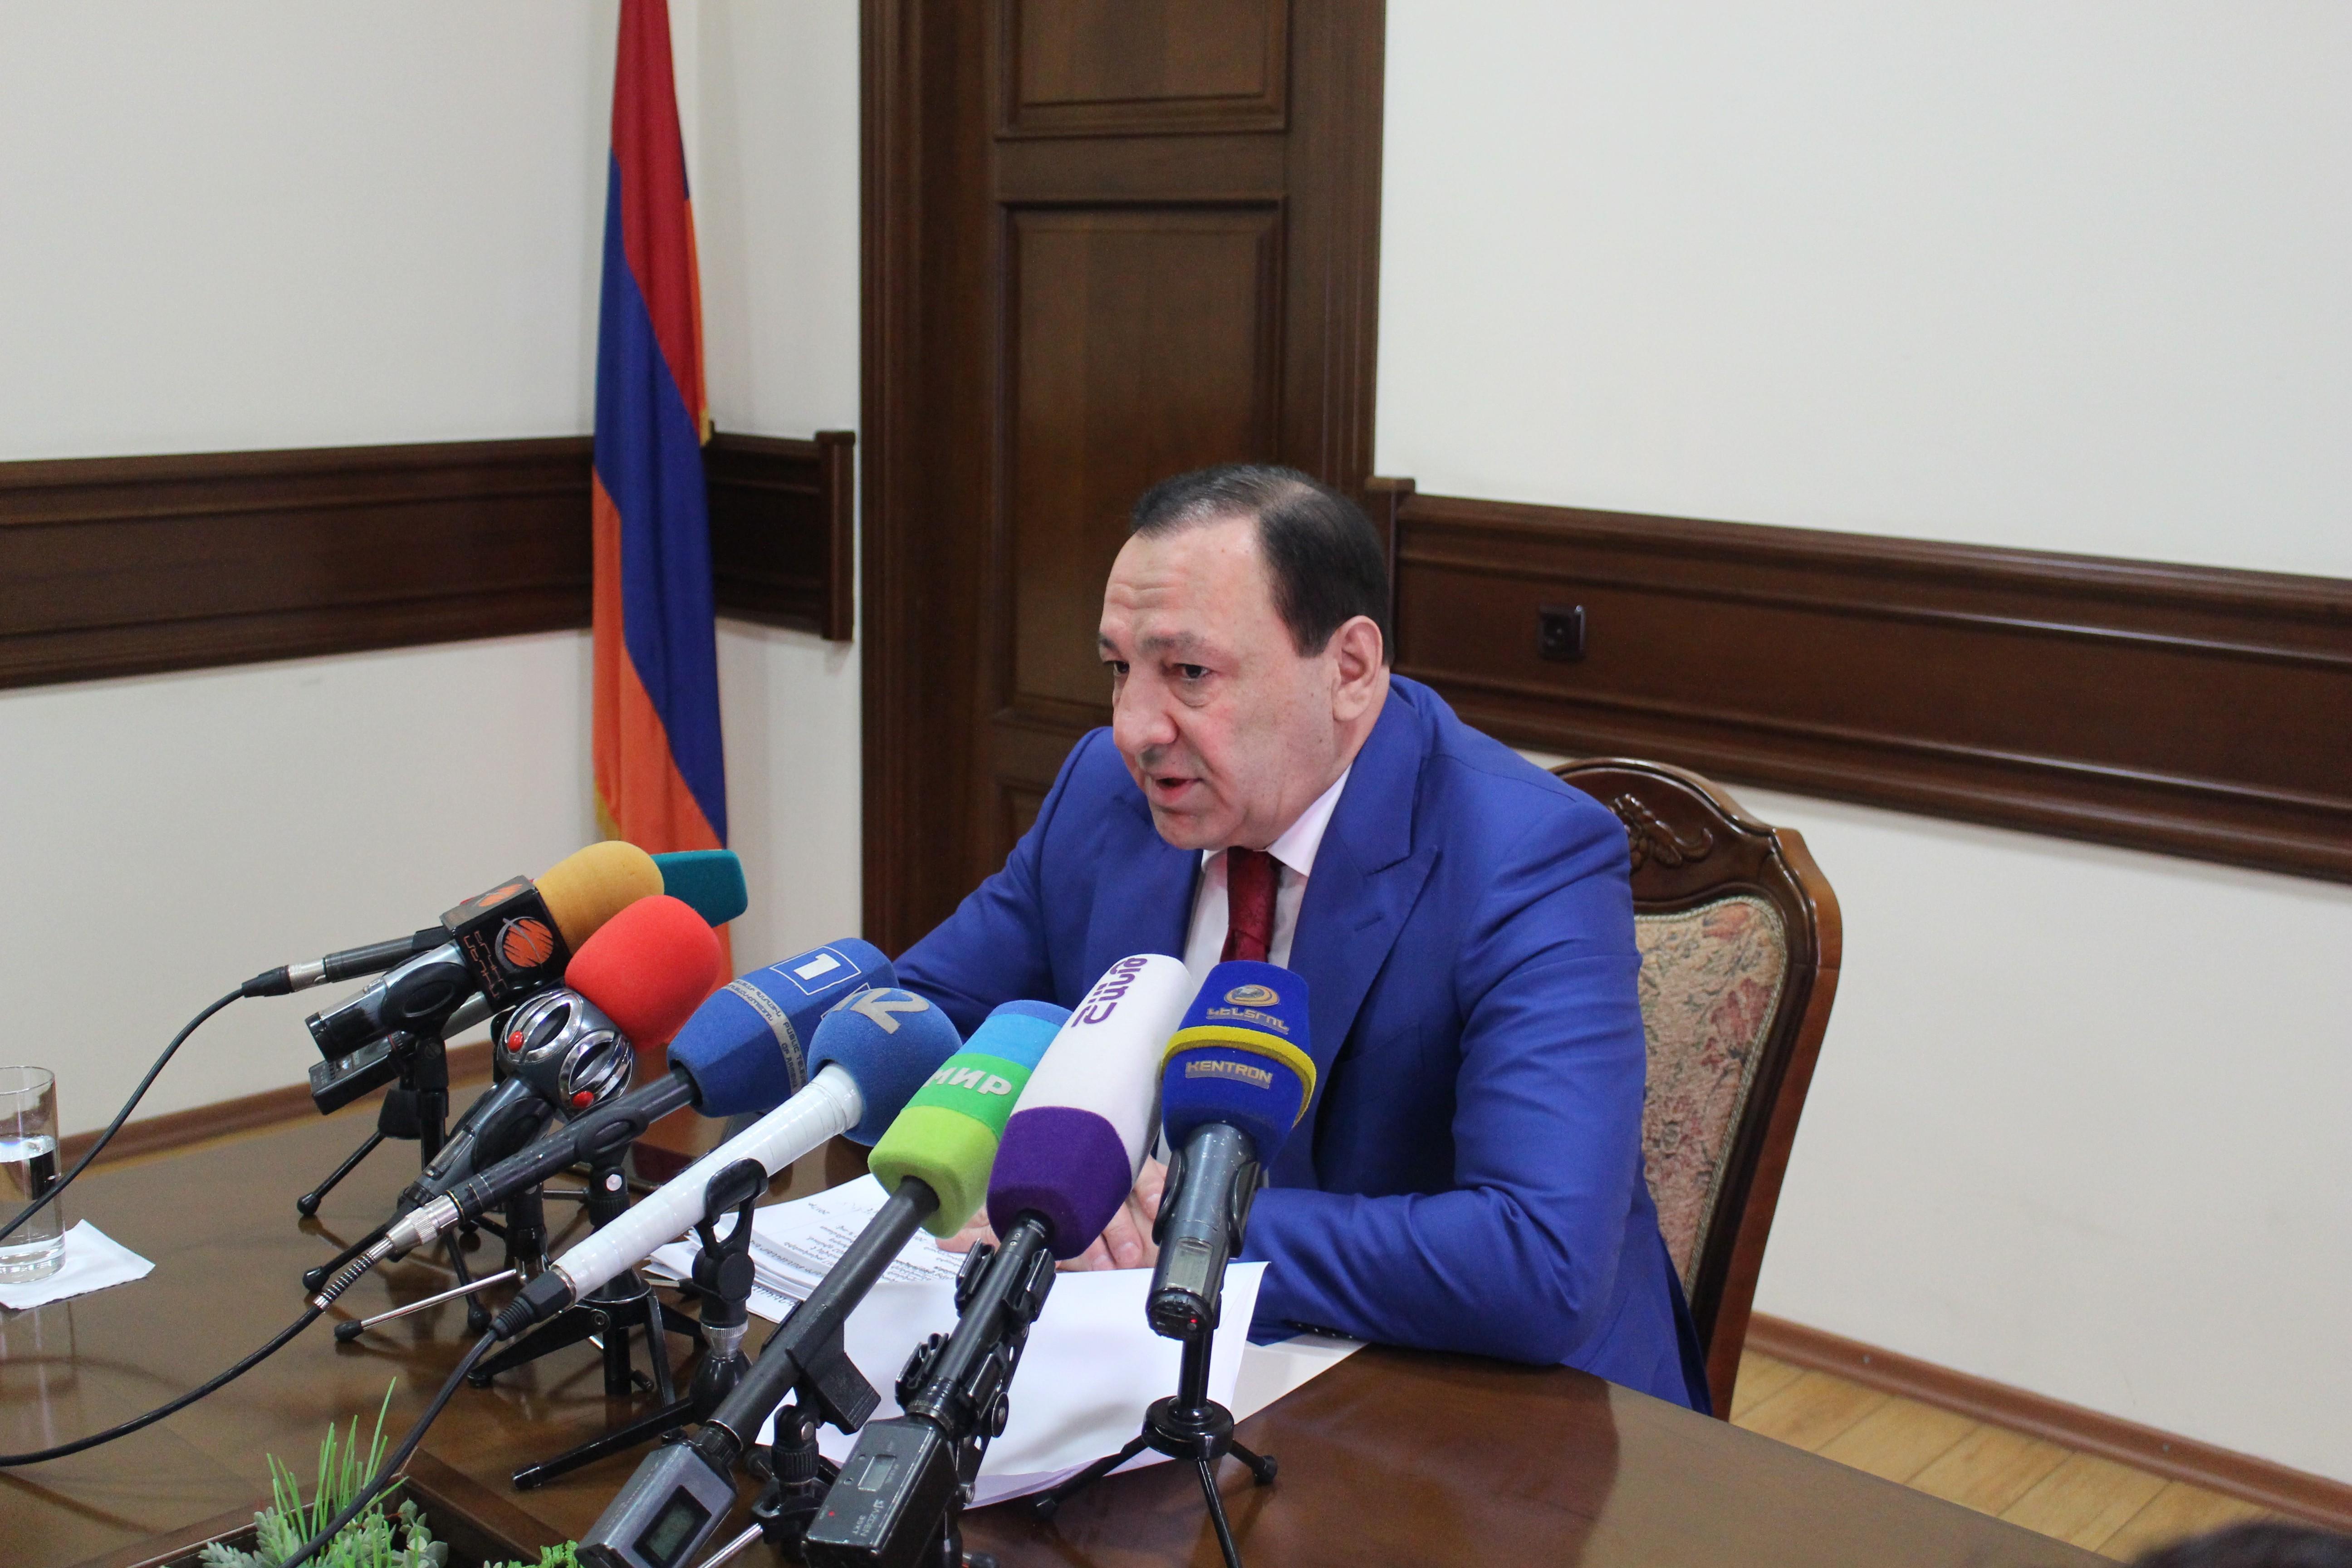 2017թ.-ին բնակարանների միջին գները Երևան քաղաքում նվազել են 3.5%-ով